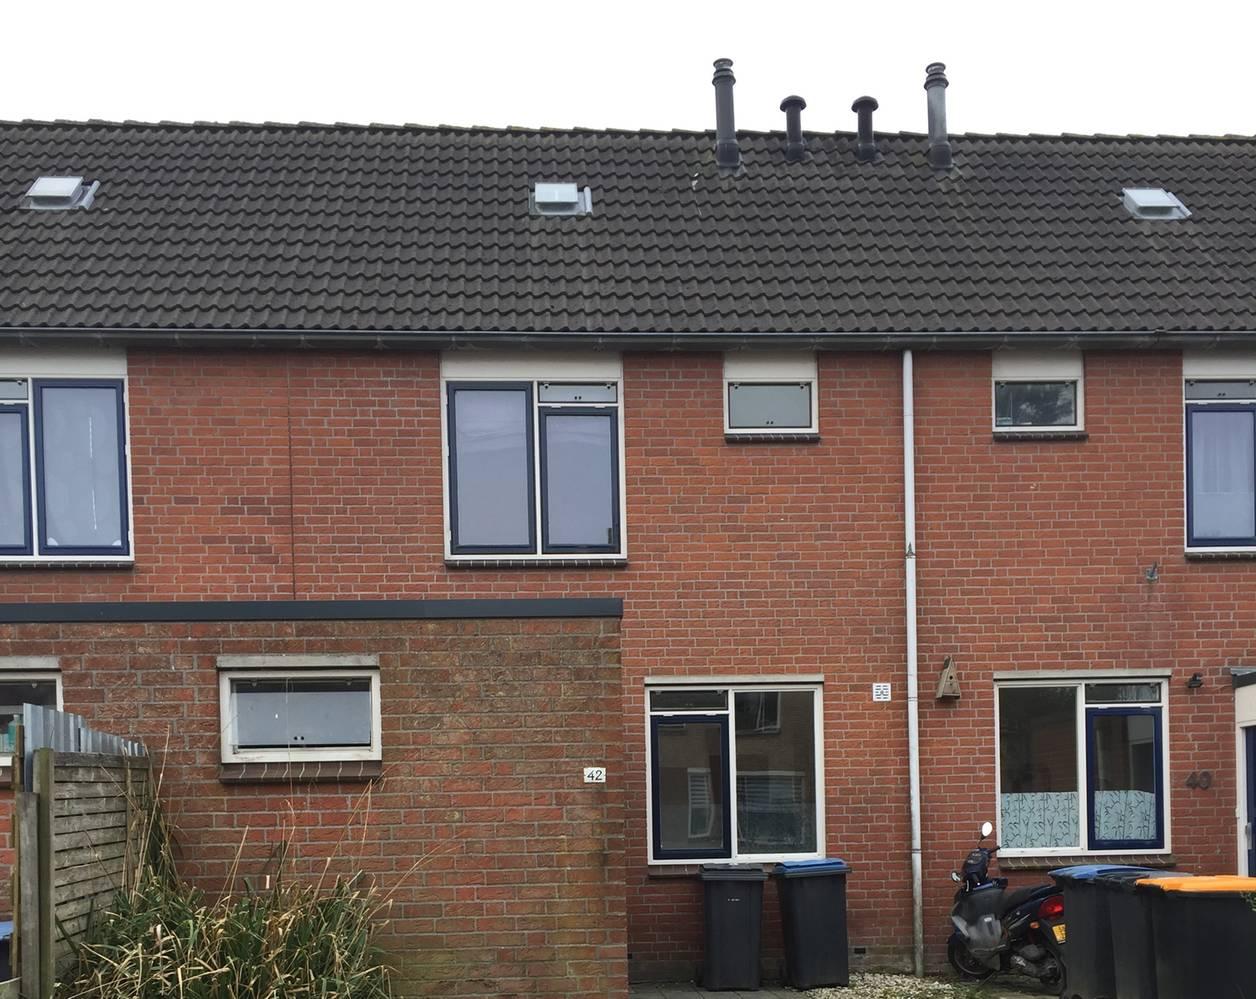 https://www.funda.nl/huur/assen/appartement-40477811-vogelkerslaan-32/